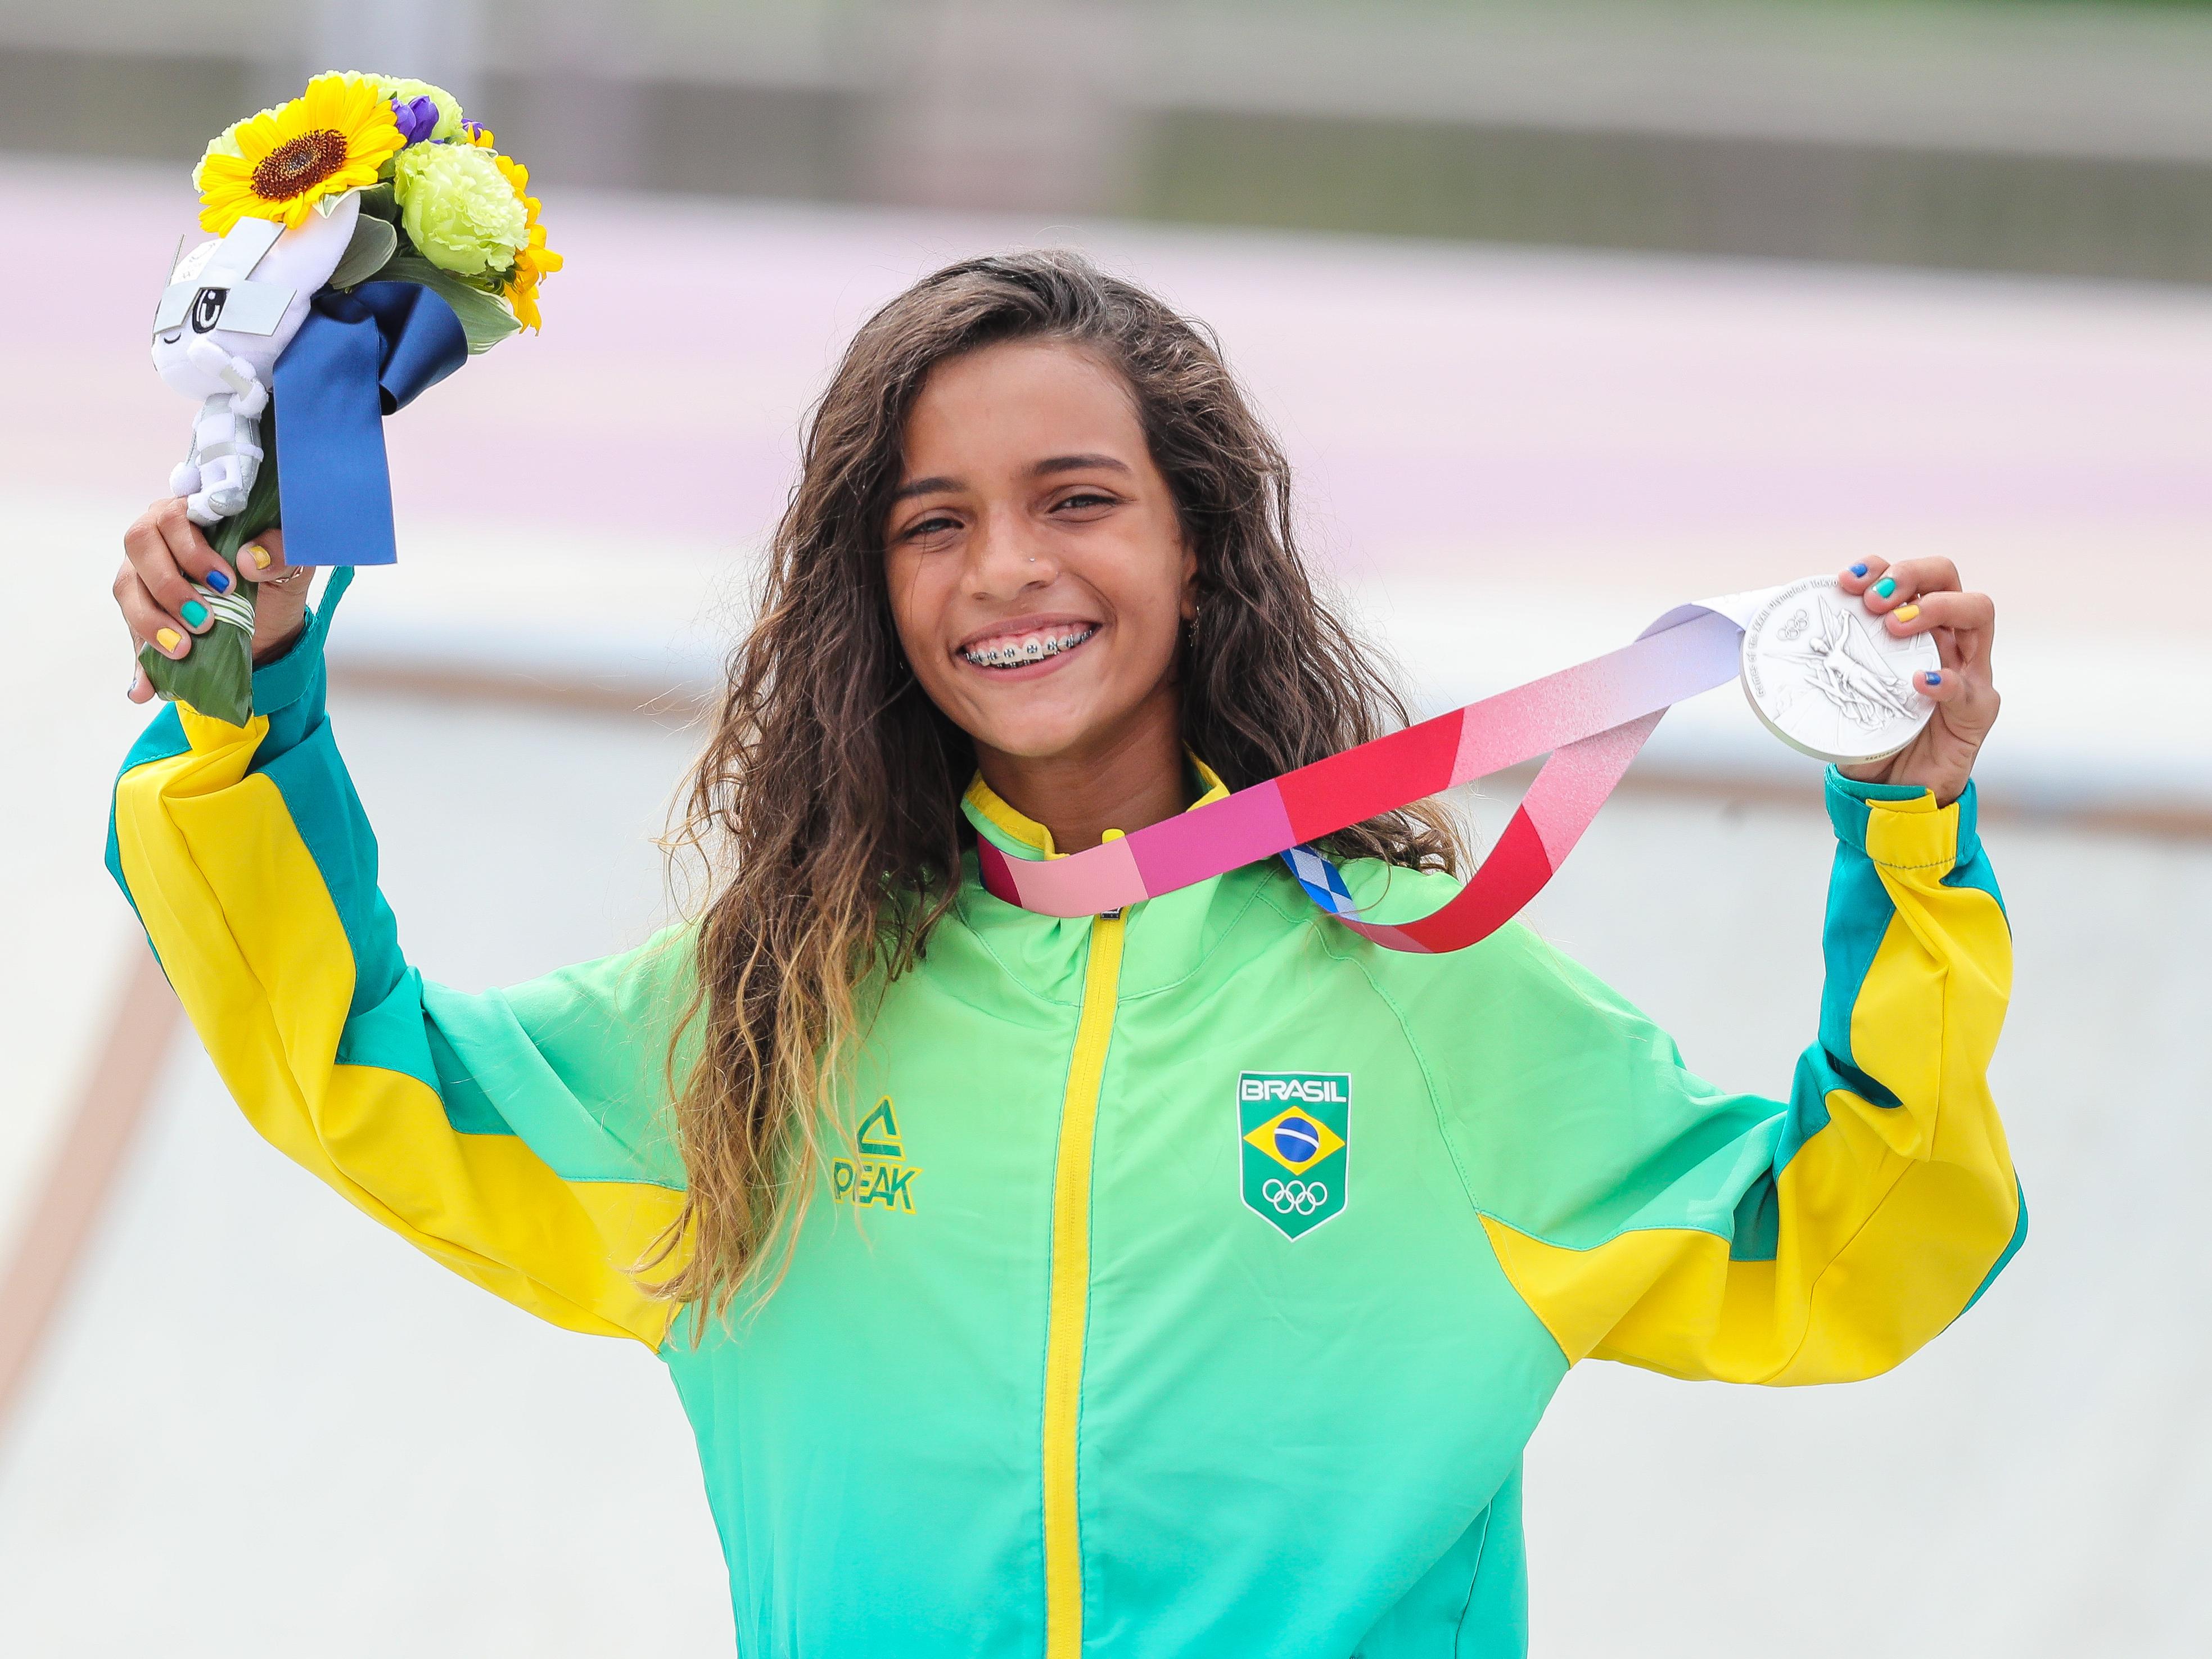 Brasil vive conto de fadas no skate e brilha no surfe e vôlei; veja resumo do dia